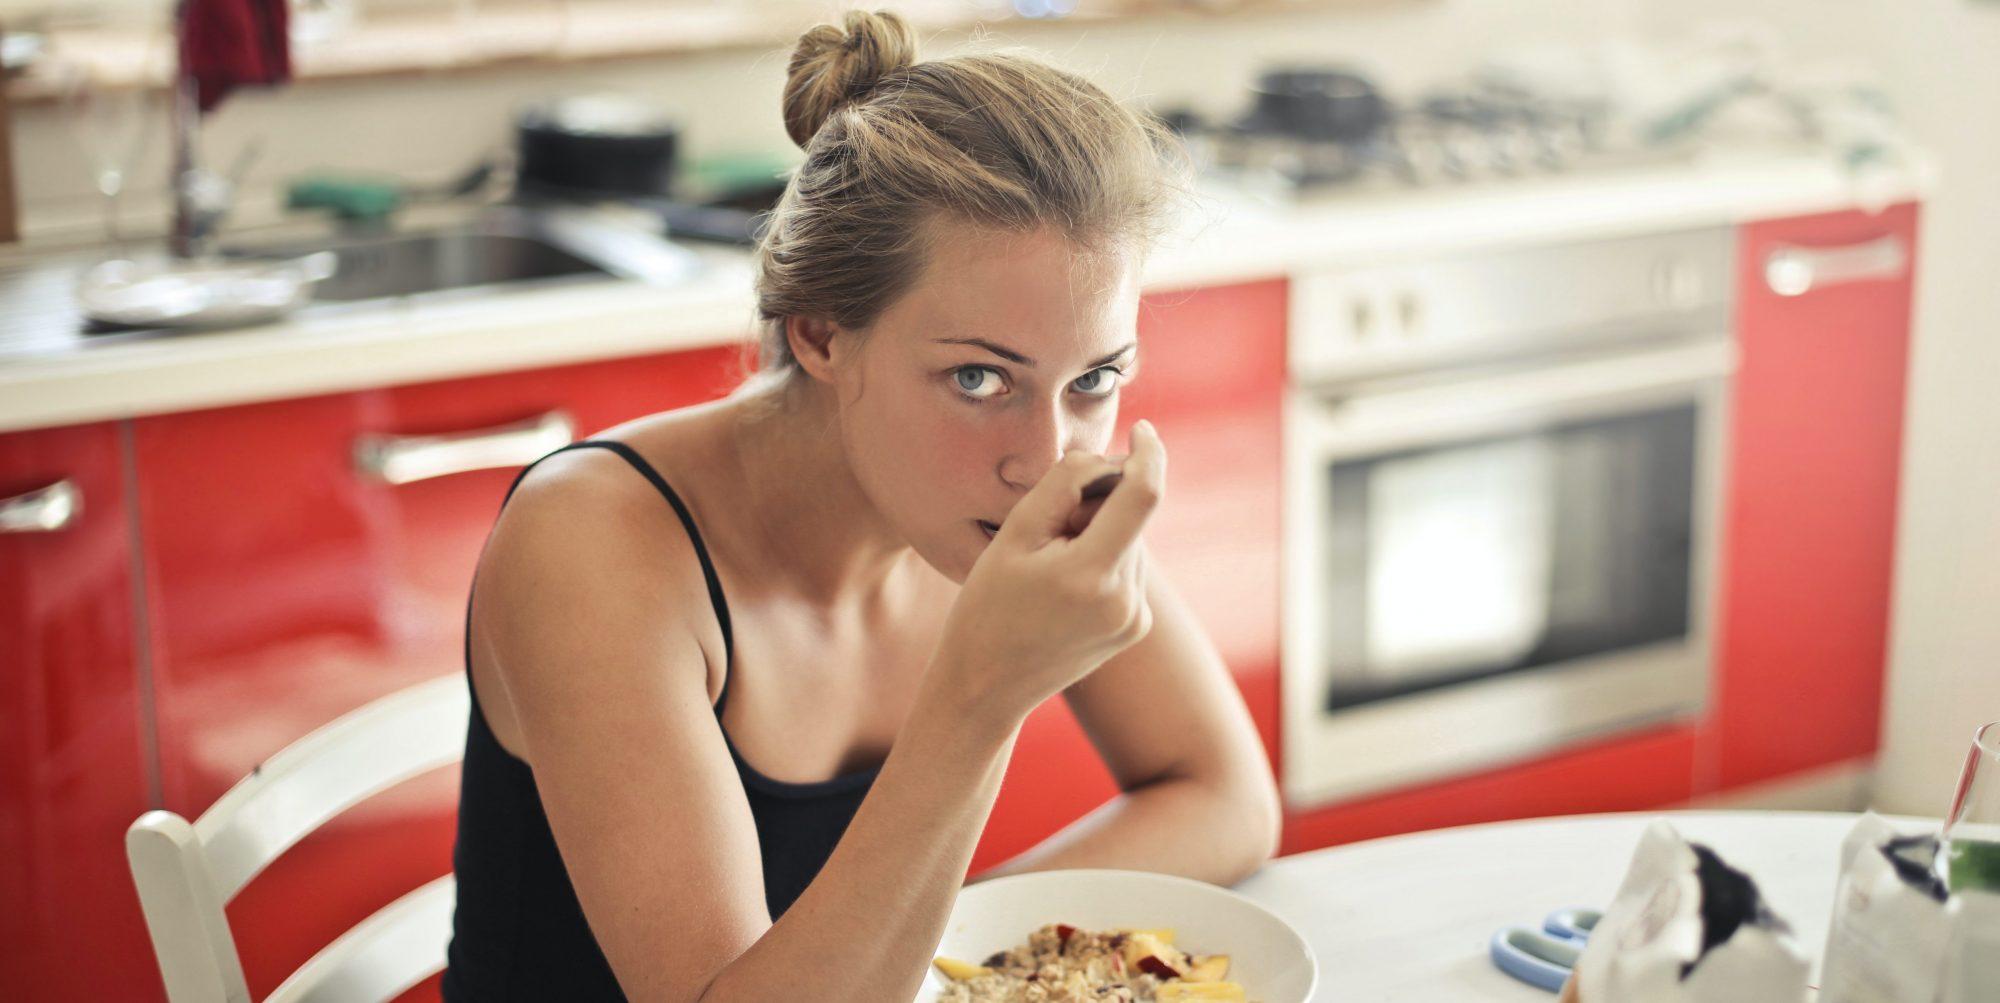 Πάλι χάλασες τη δίαιτά σου; Έτσι δεν θα το ξανακάνεις Ένα είναι σίγουρο: δεν υπάρχουν μαγικές δίαιτες υπάρχουν όμως τρόποι και τρικ για να παραμείνεις πιστή στη δίαιτά σου χωρίς να τη χαλάσεις!